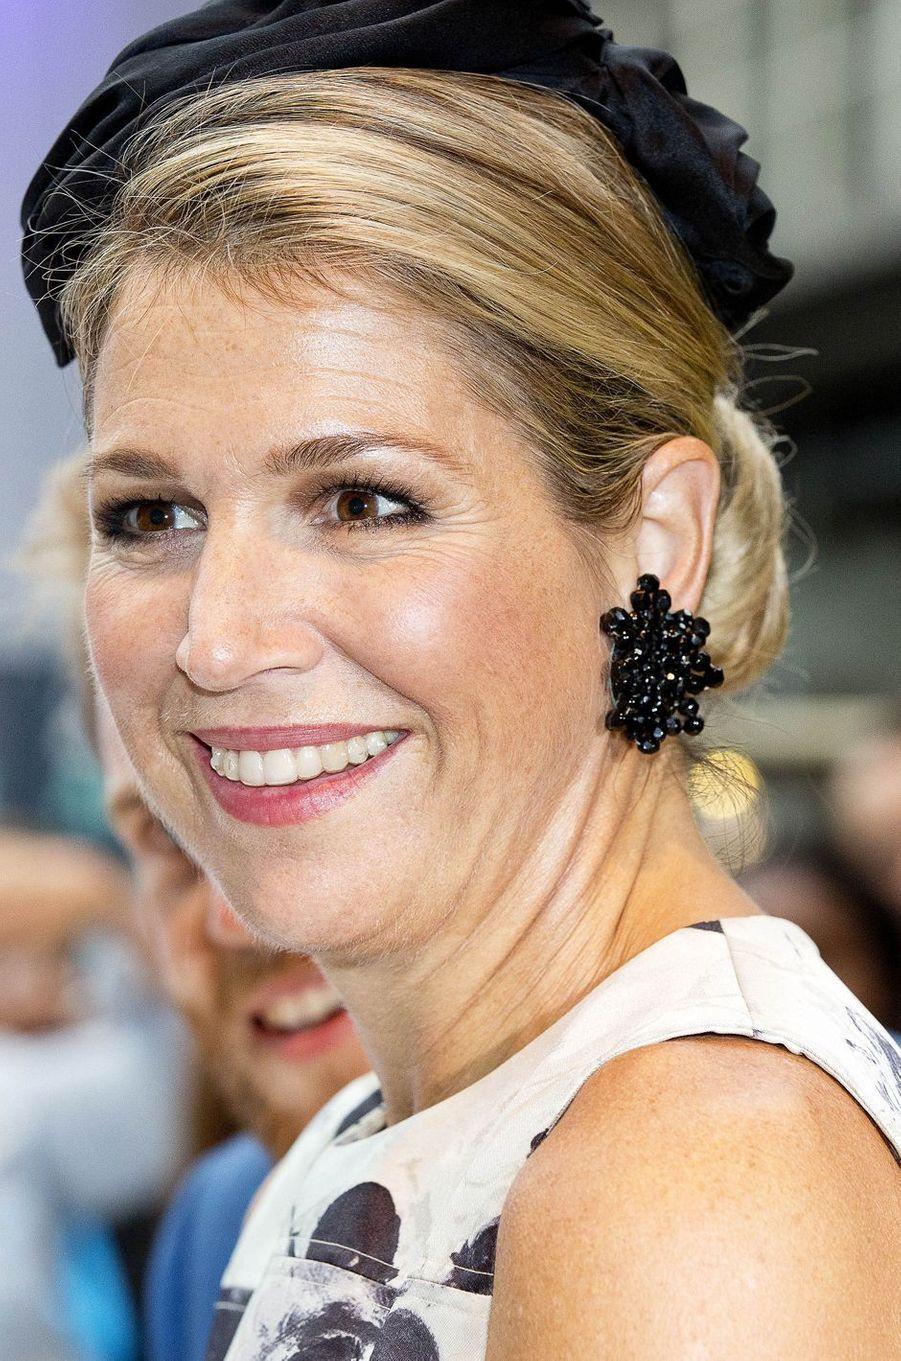 Détail des boucles d'oreille de la reine Maxima des Pays-Bas à La Haye, le 28 septembre 2017